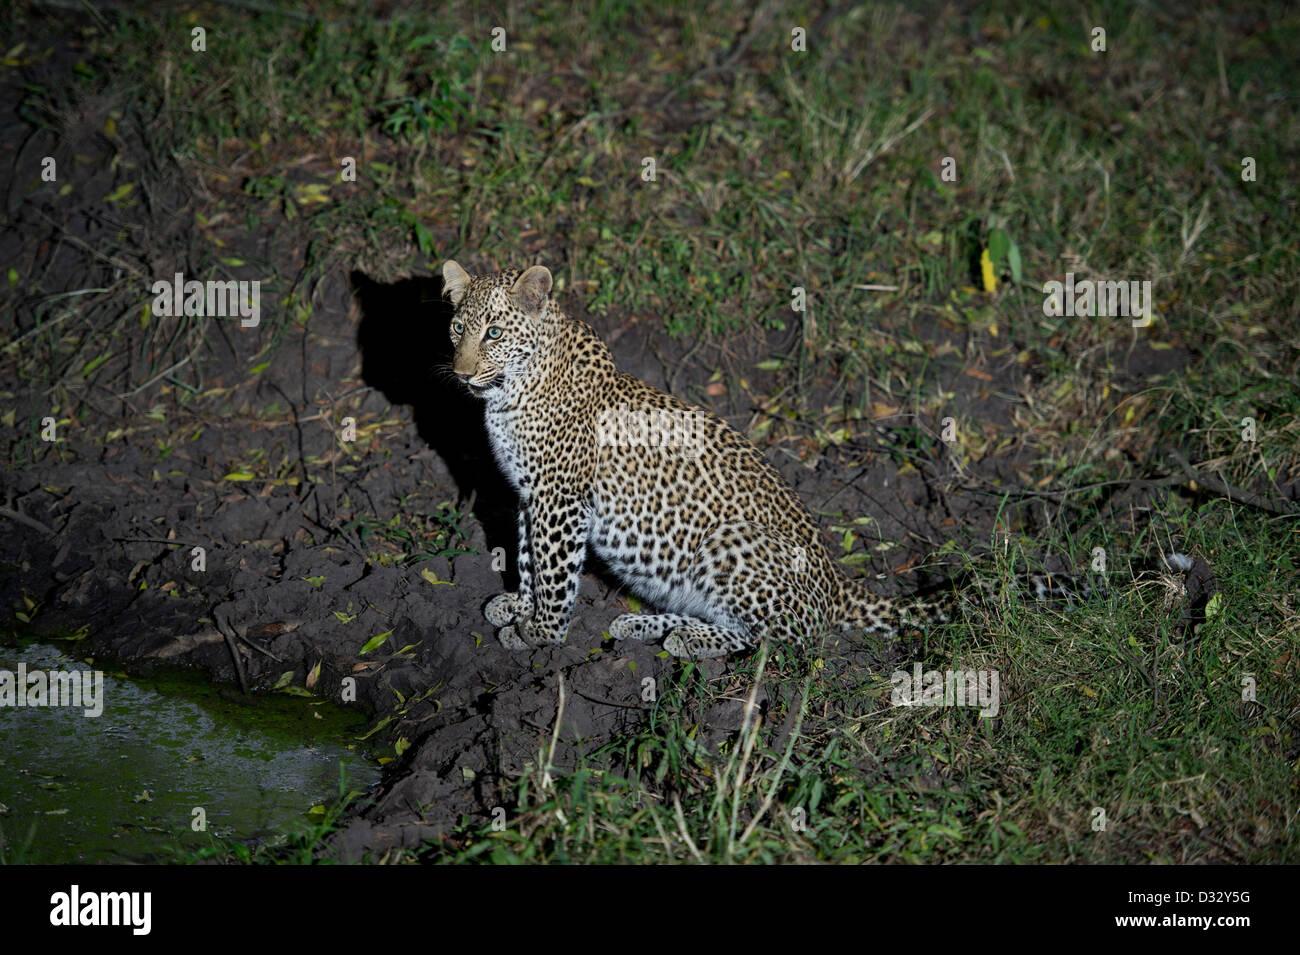 Leopard (Panthera pardus), Maasai Mara National Reserve, Kenya Stock Photo